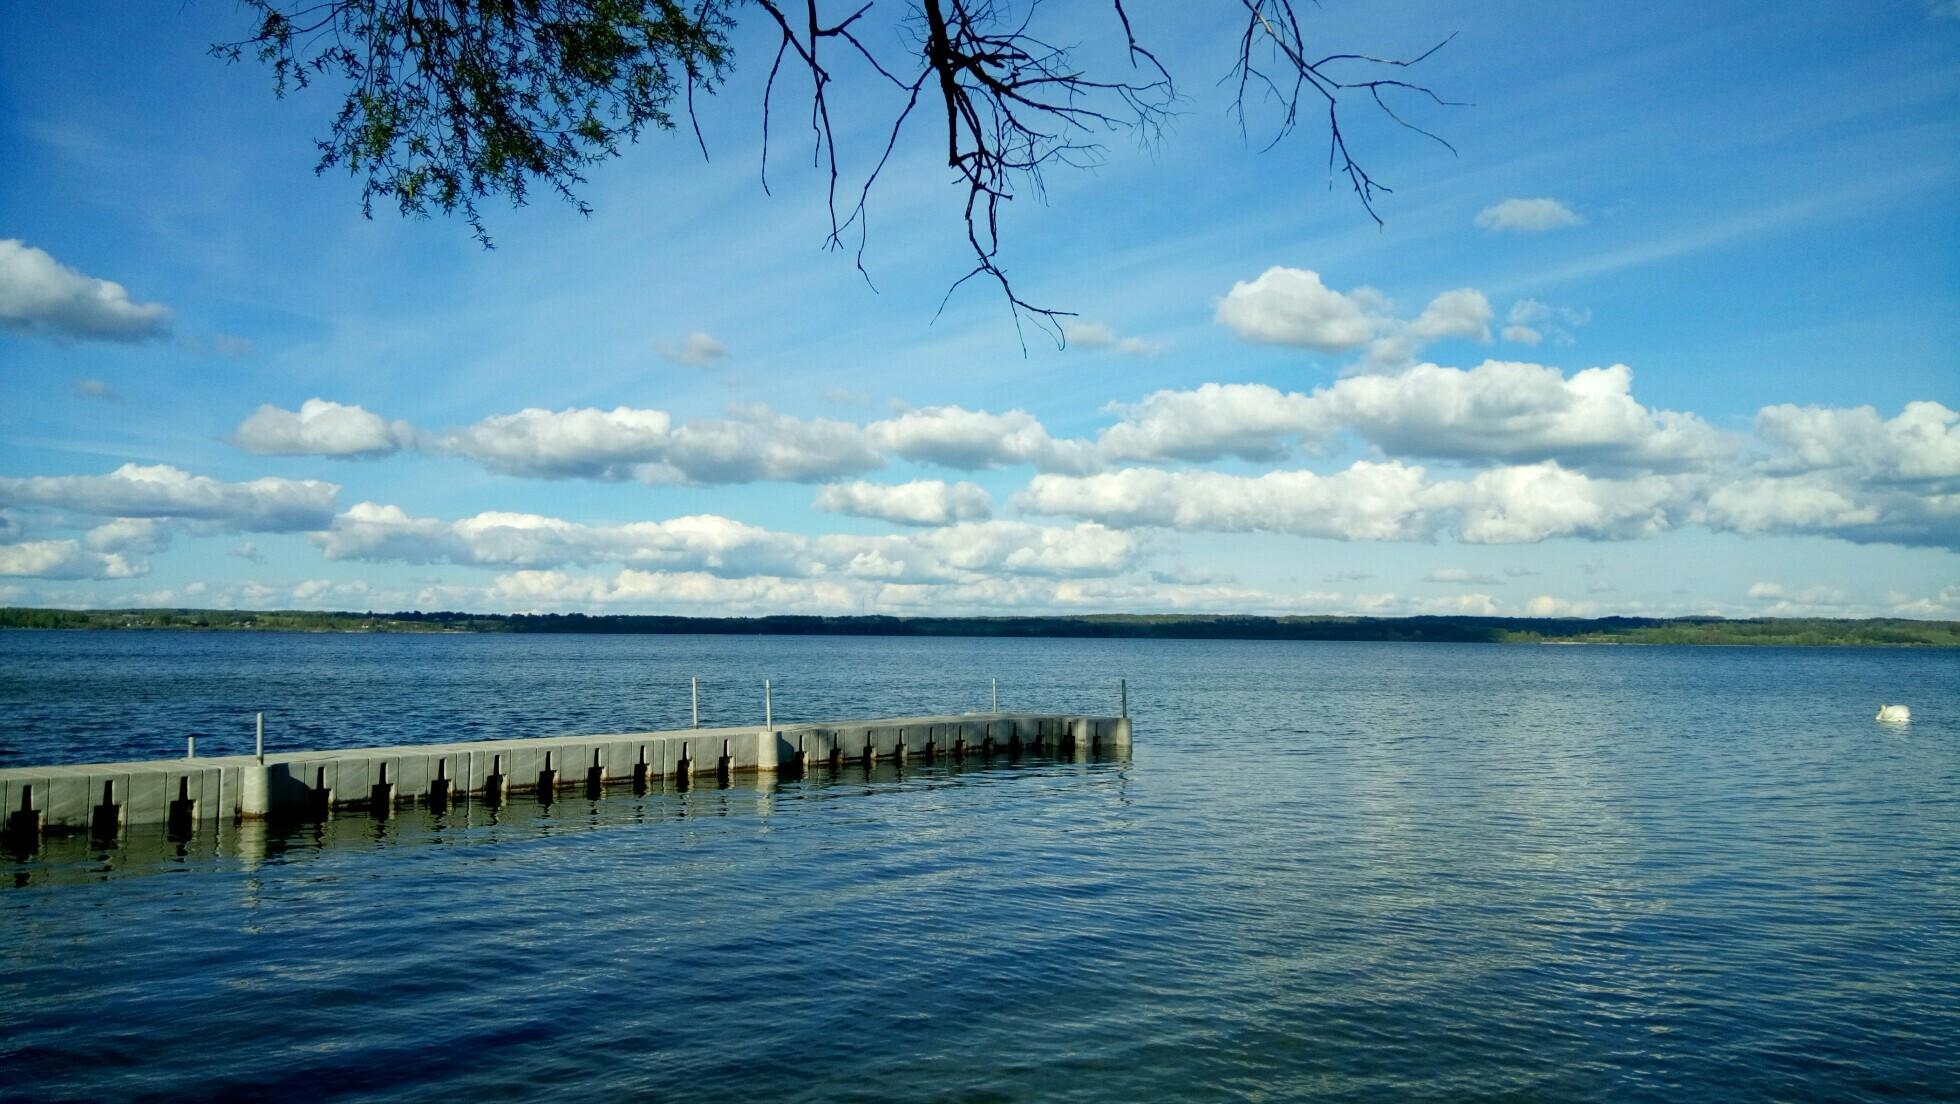 мне, лучше виштынецкое озеро в калининградской области фото переходим очень